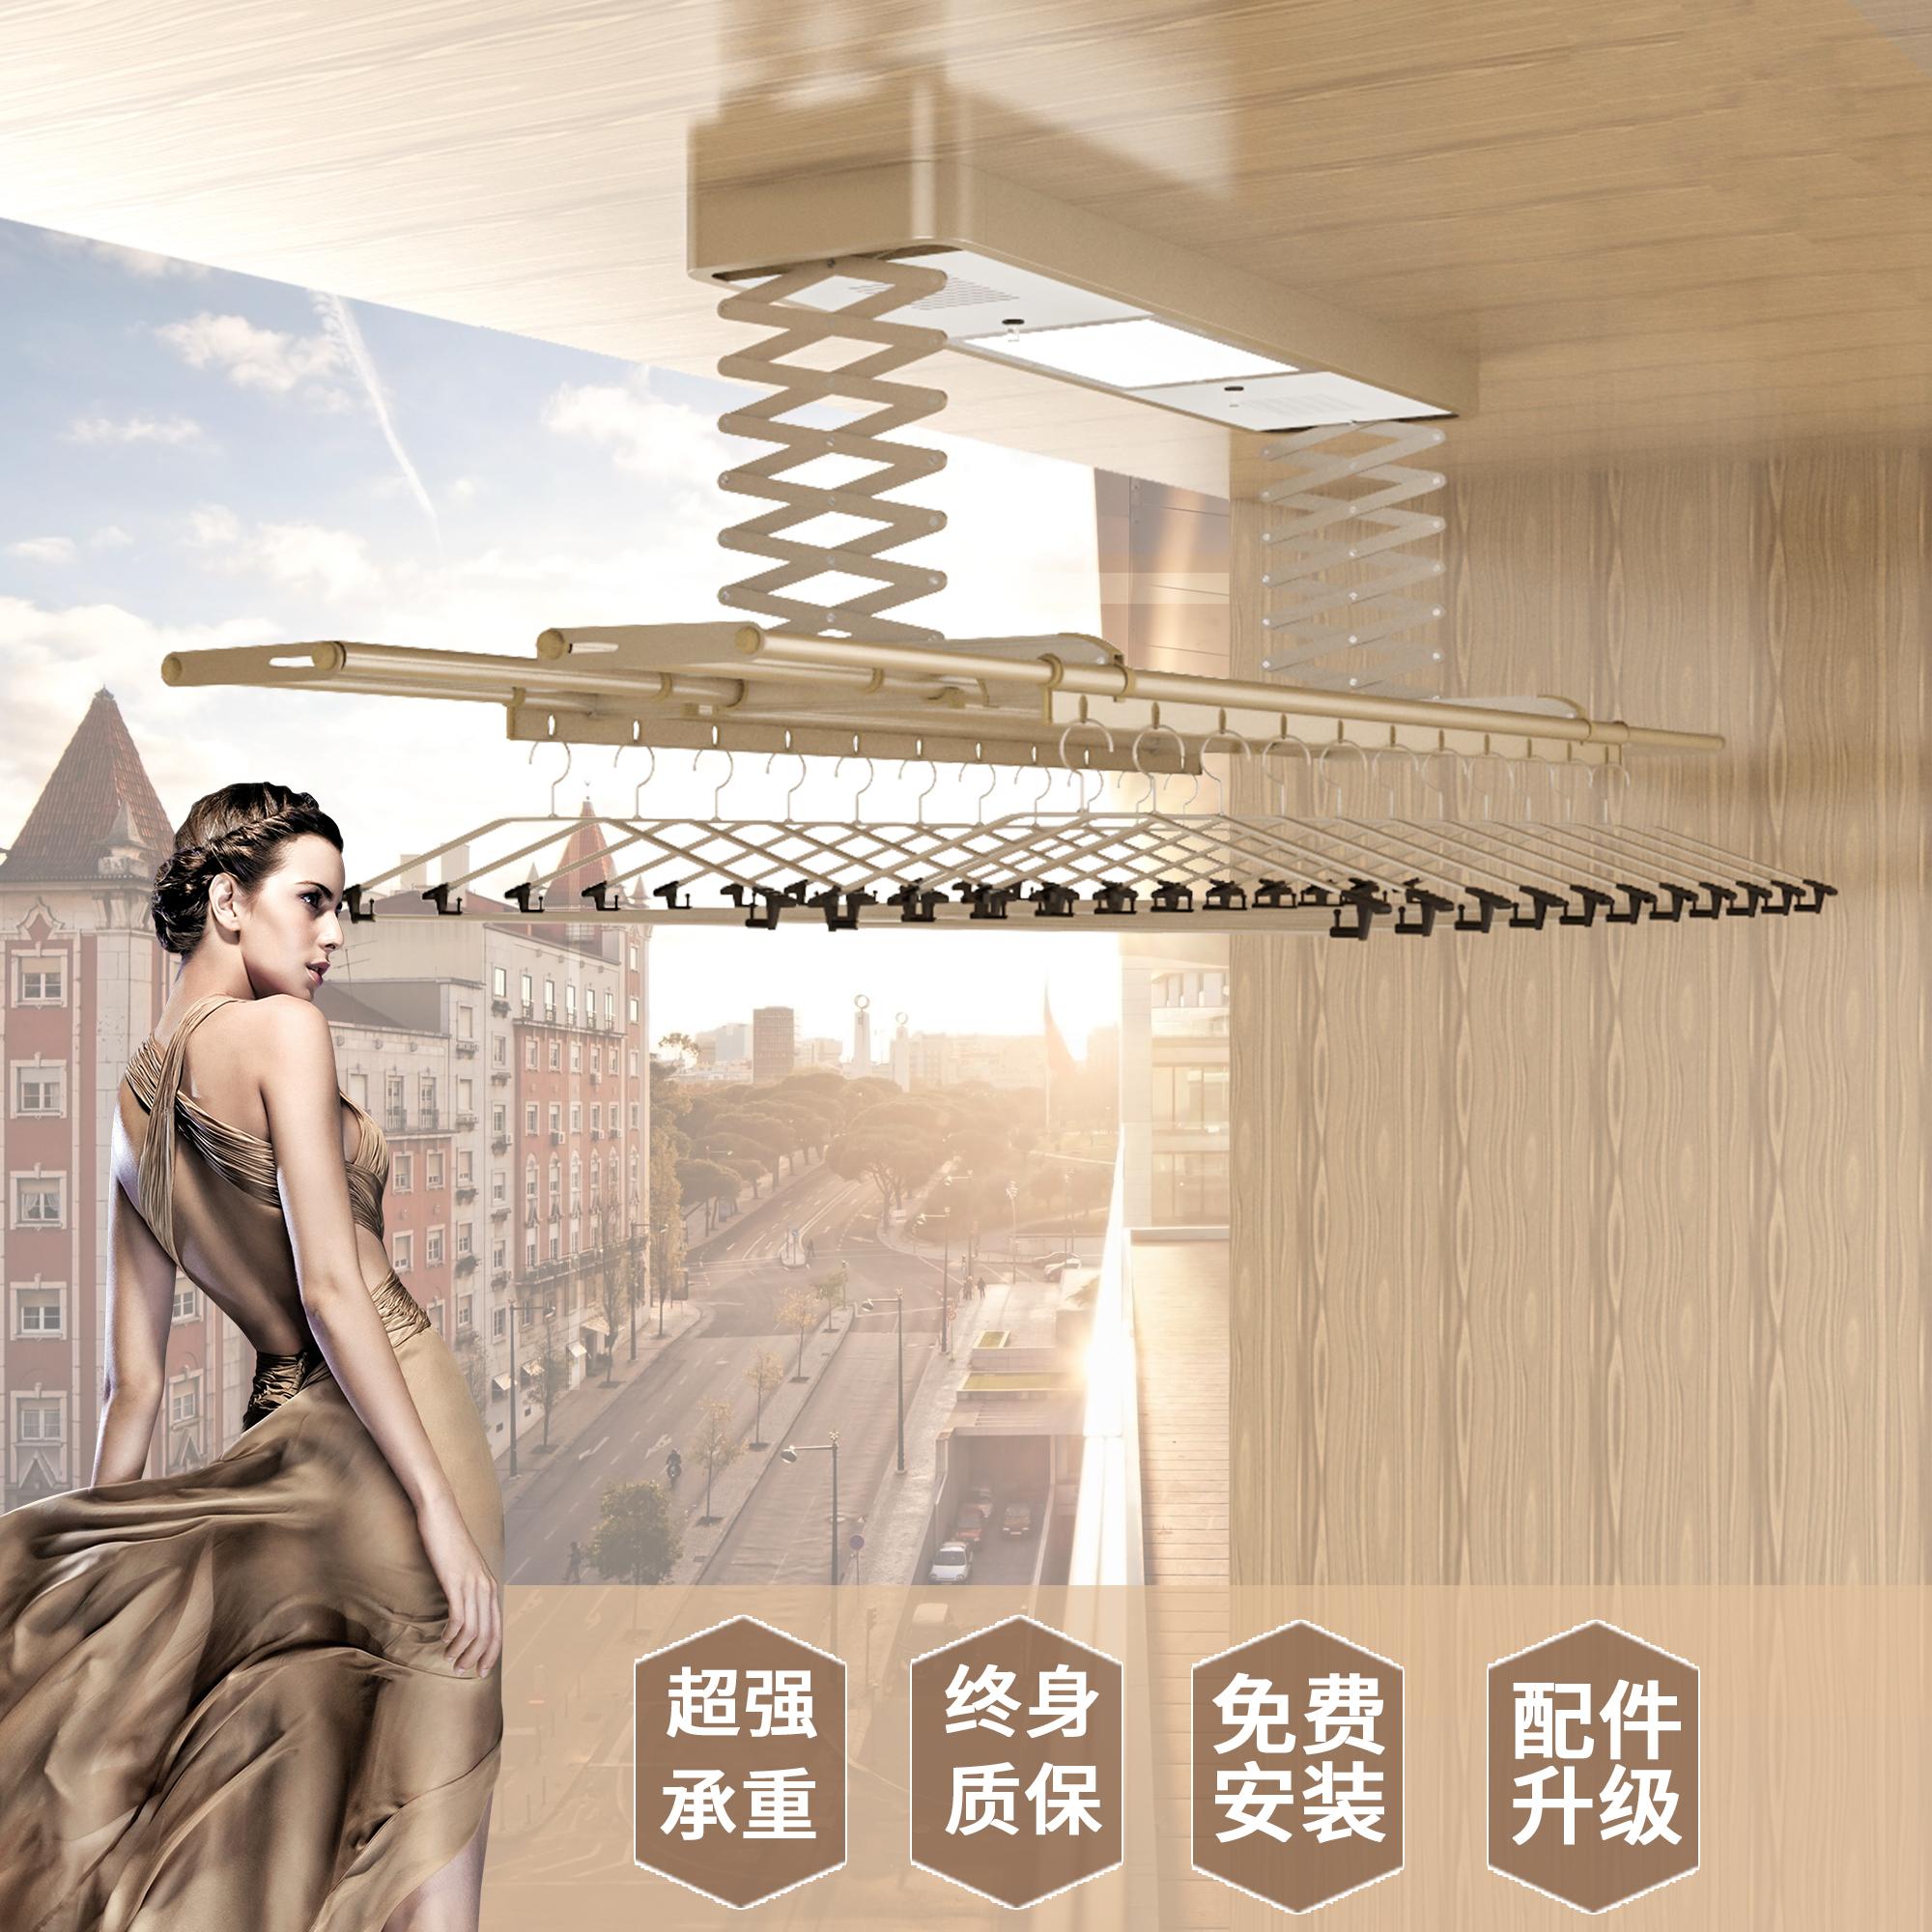 广东阳台烘干风干智能遥电动晾衣架 阳台烘干风干智能遥控电动晾衣架